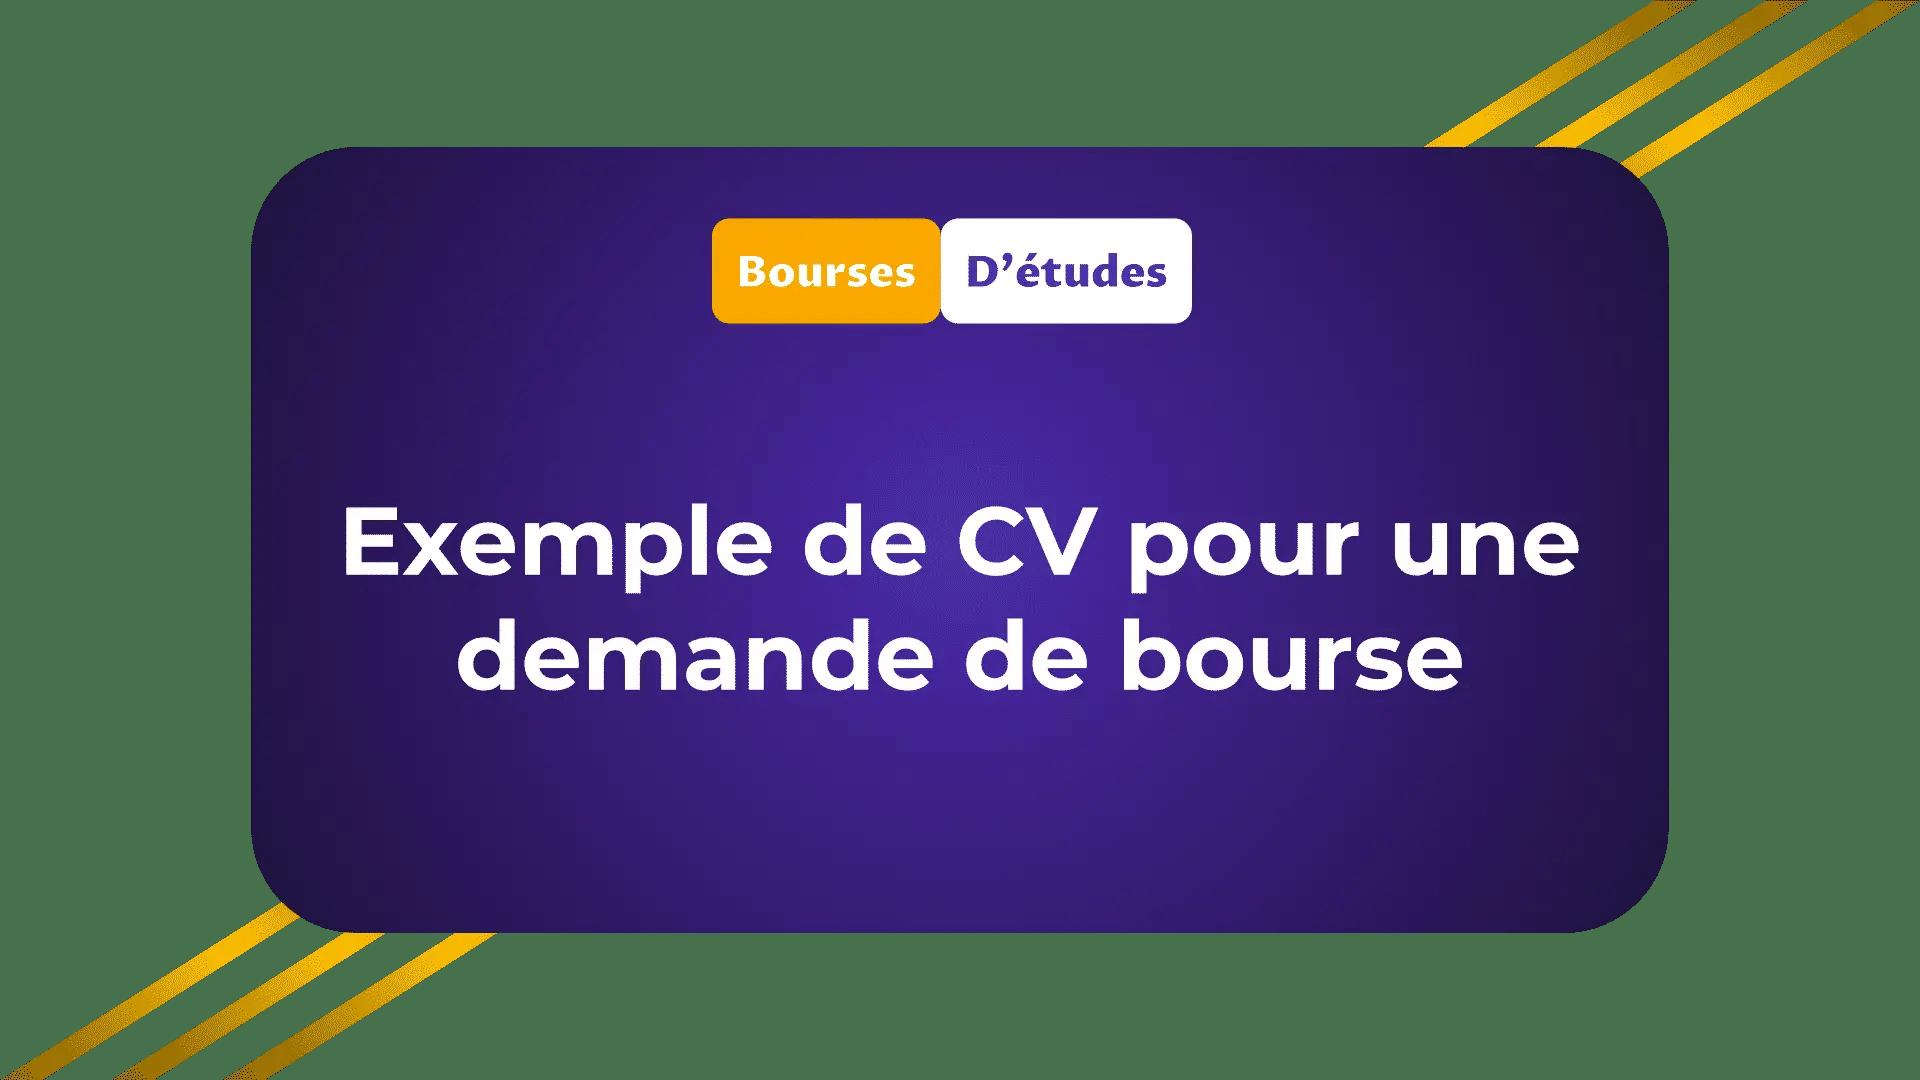 Exemple de CV pour une demande de bourse